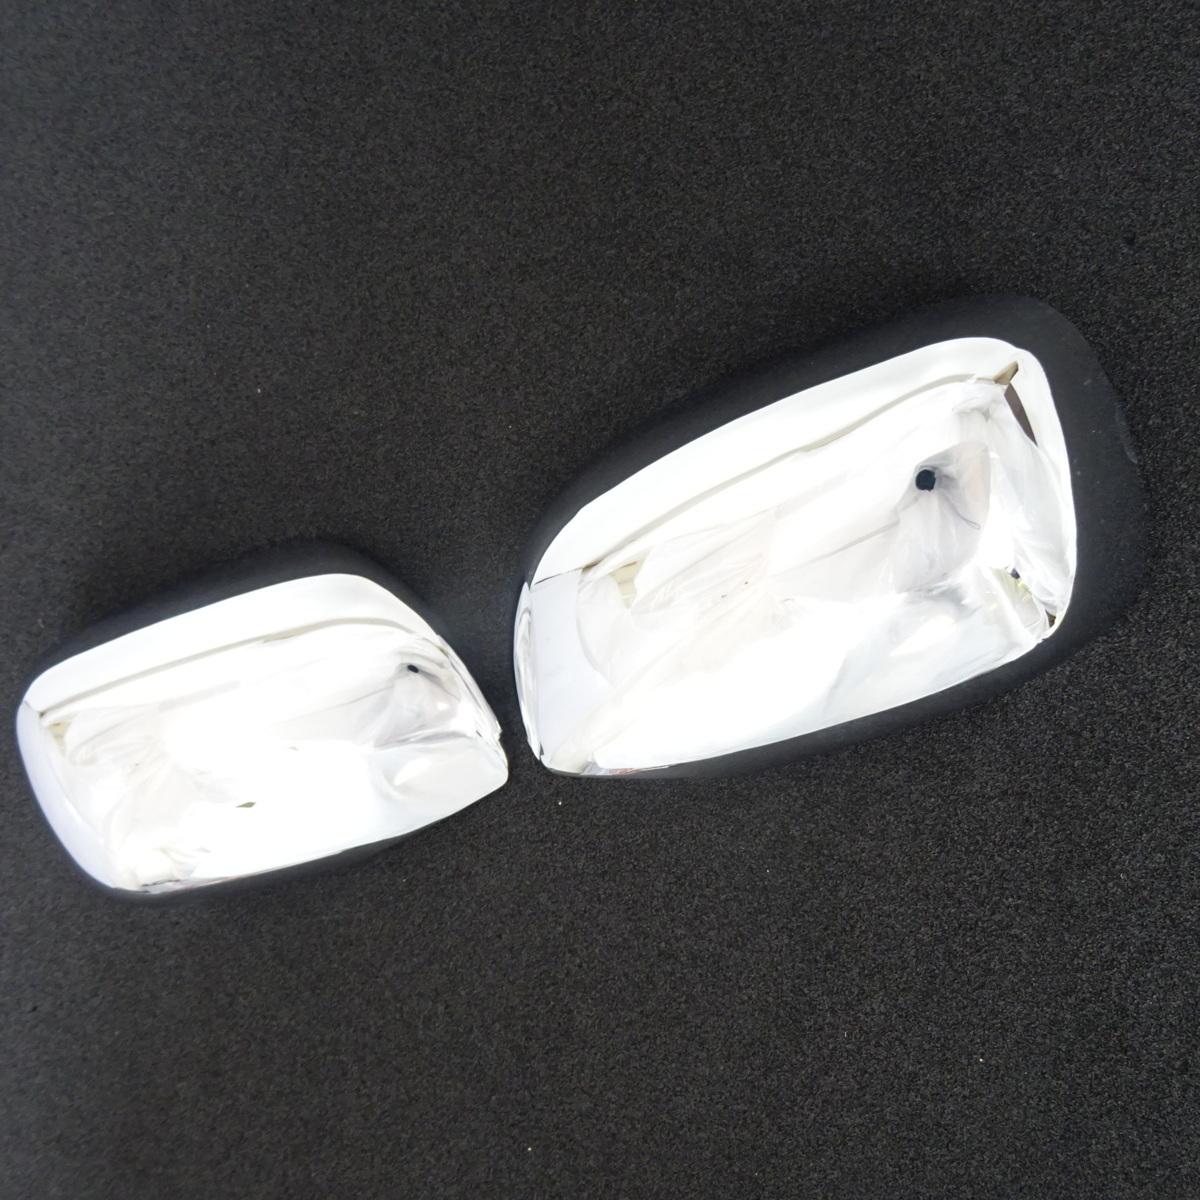 鏡面仕上げ♪ メッキ ドアミラー カバー レクサス GS350 GS430 GS450h GRS191 GRS196 UZS190 GWS191 ガーニッシュ_画像2